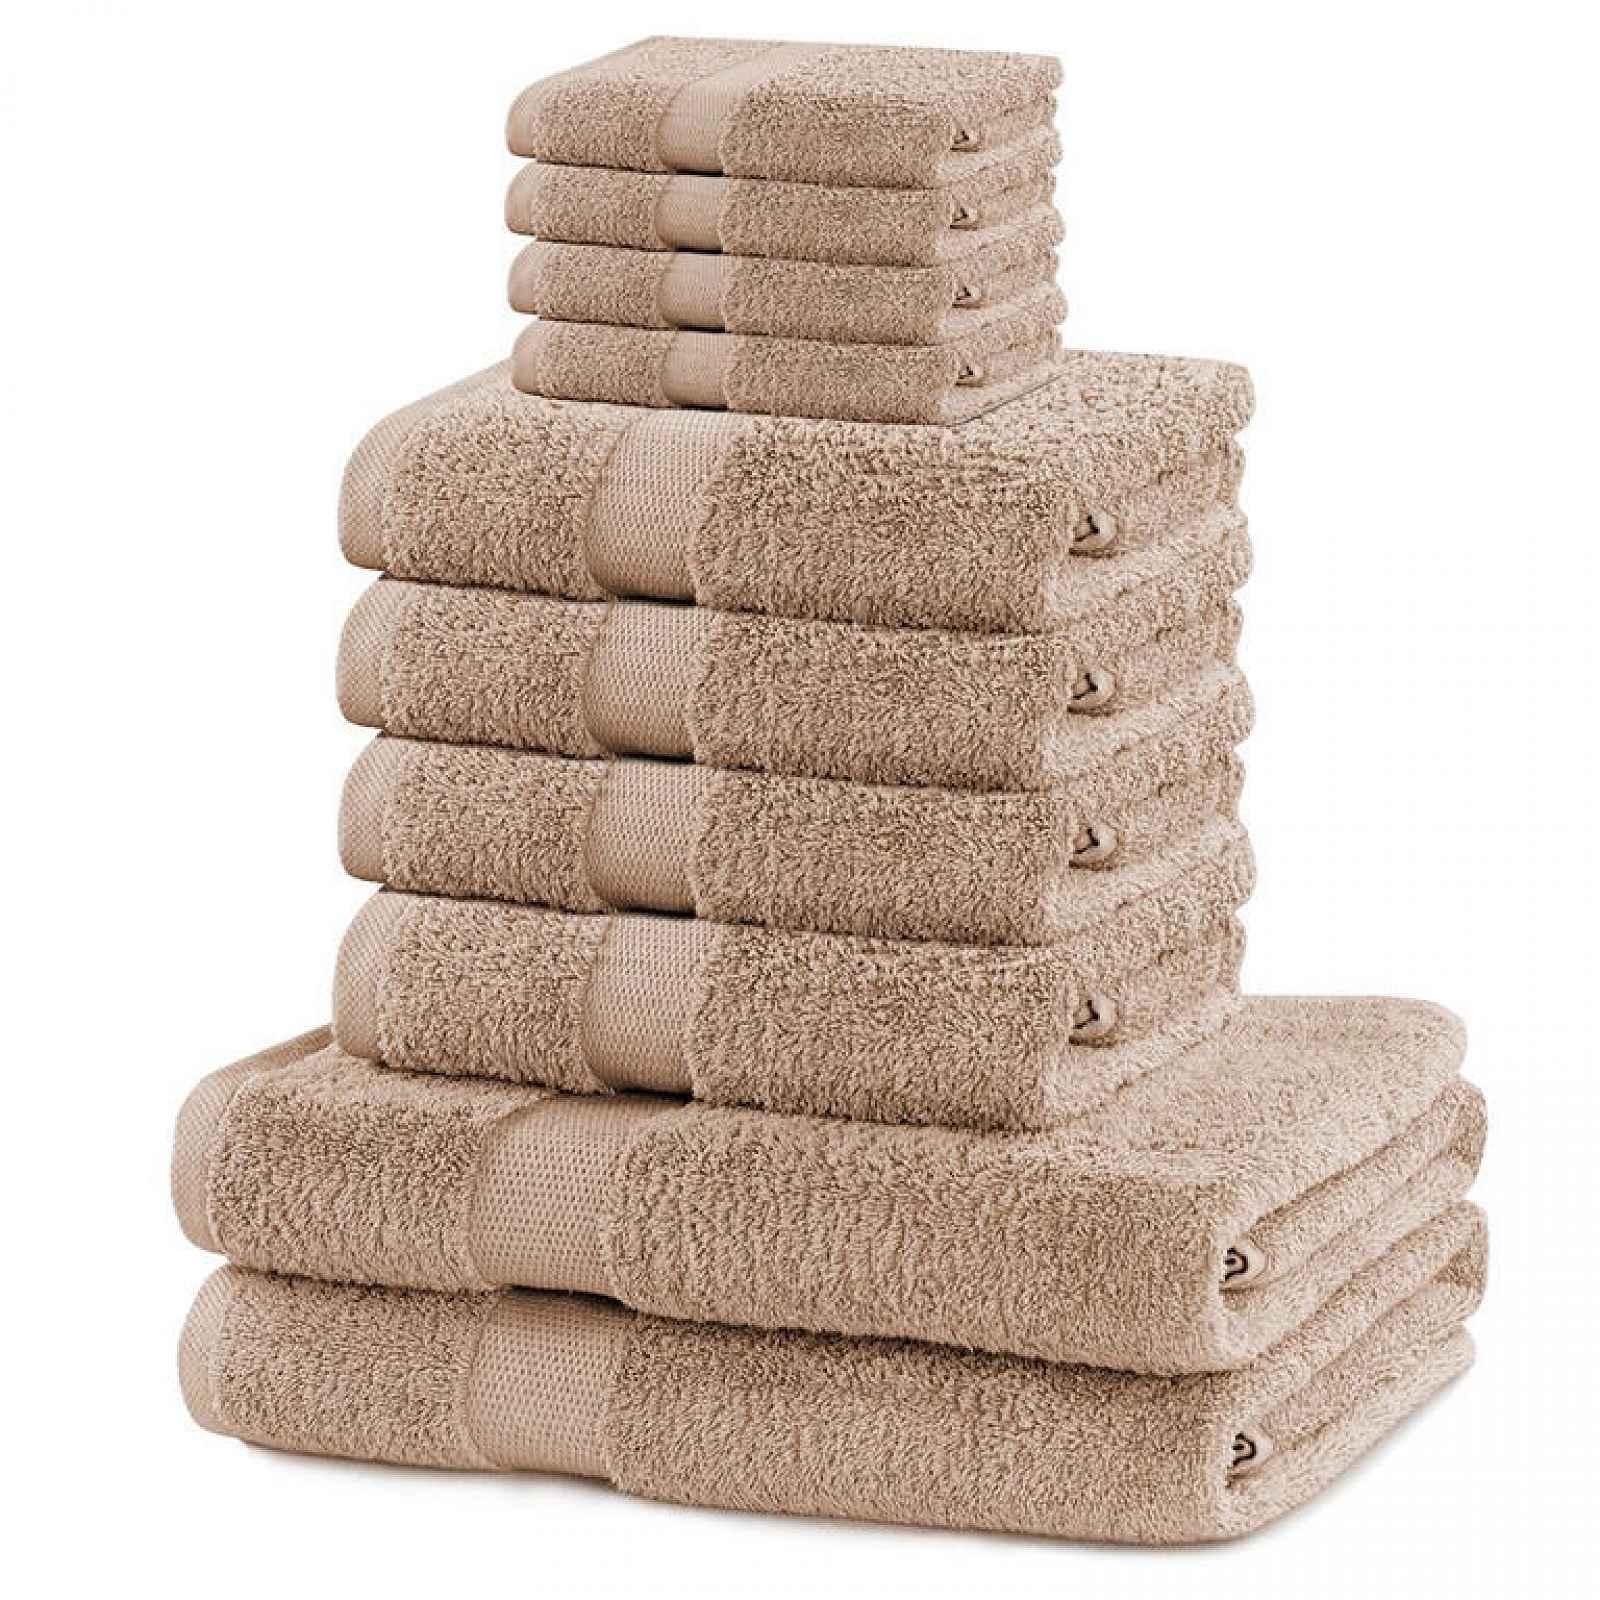 Sada froté ručníků a osušek MARINA béžová 10 ks